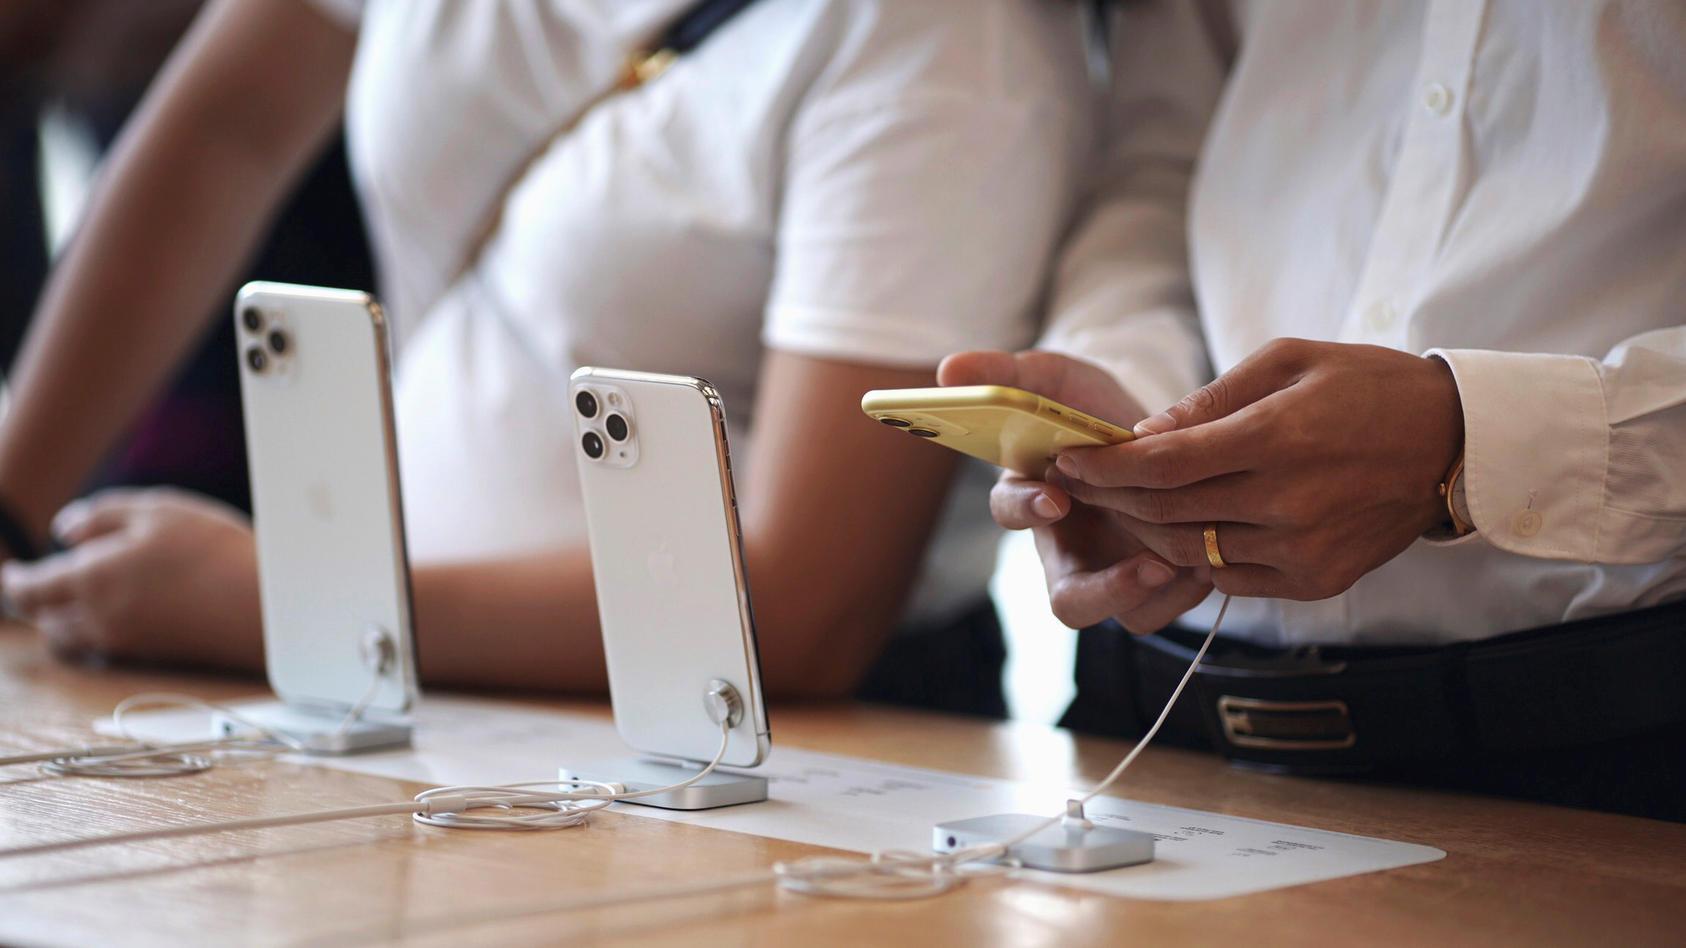 Gloria Elisa Fuentes wollte im Apple Store in Bakersfield im US-Staat Kalifornien ihr kaputtes Display reparieren lassen und übergab ihr iPhone an einen Mitarbeiter.